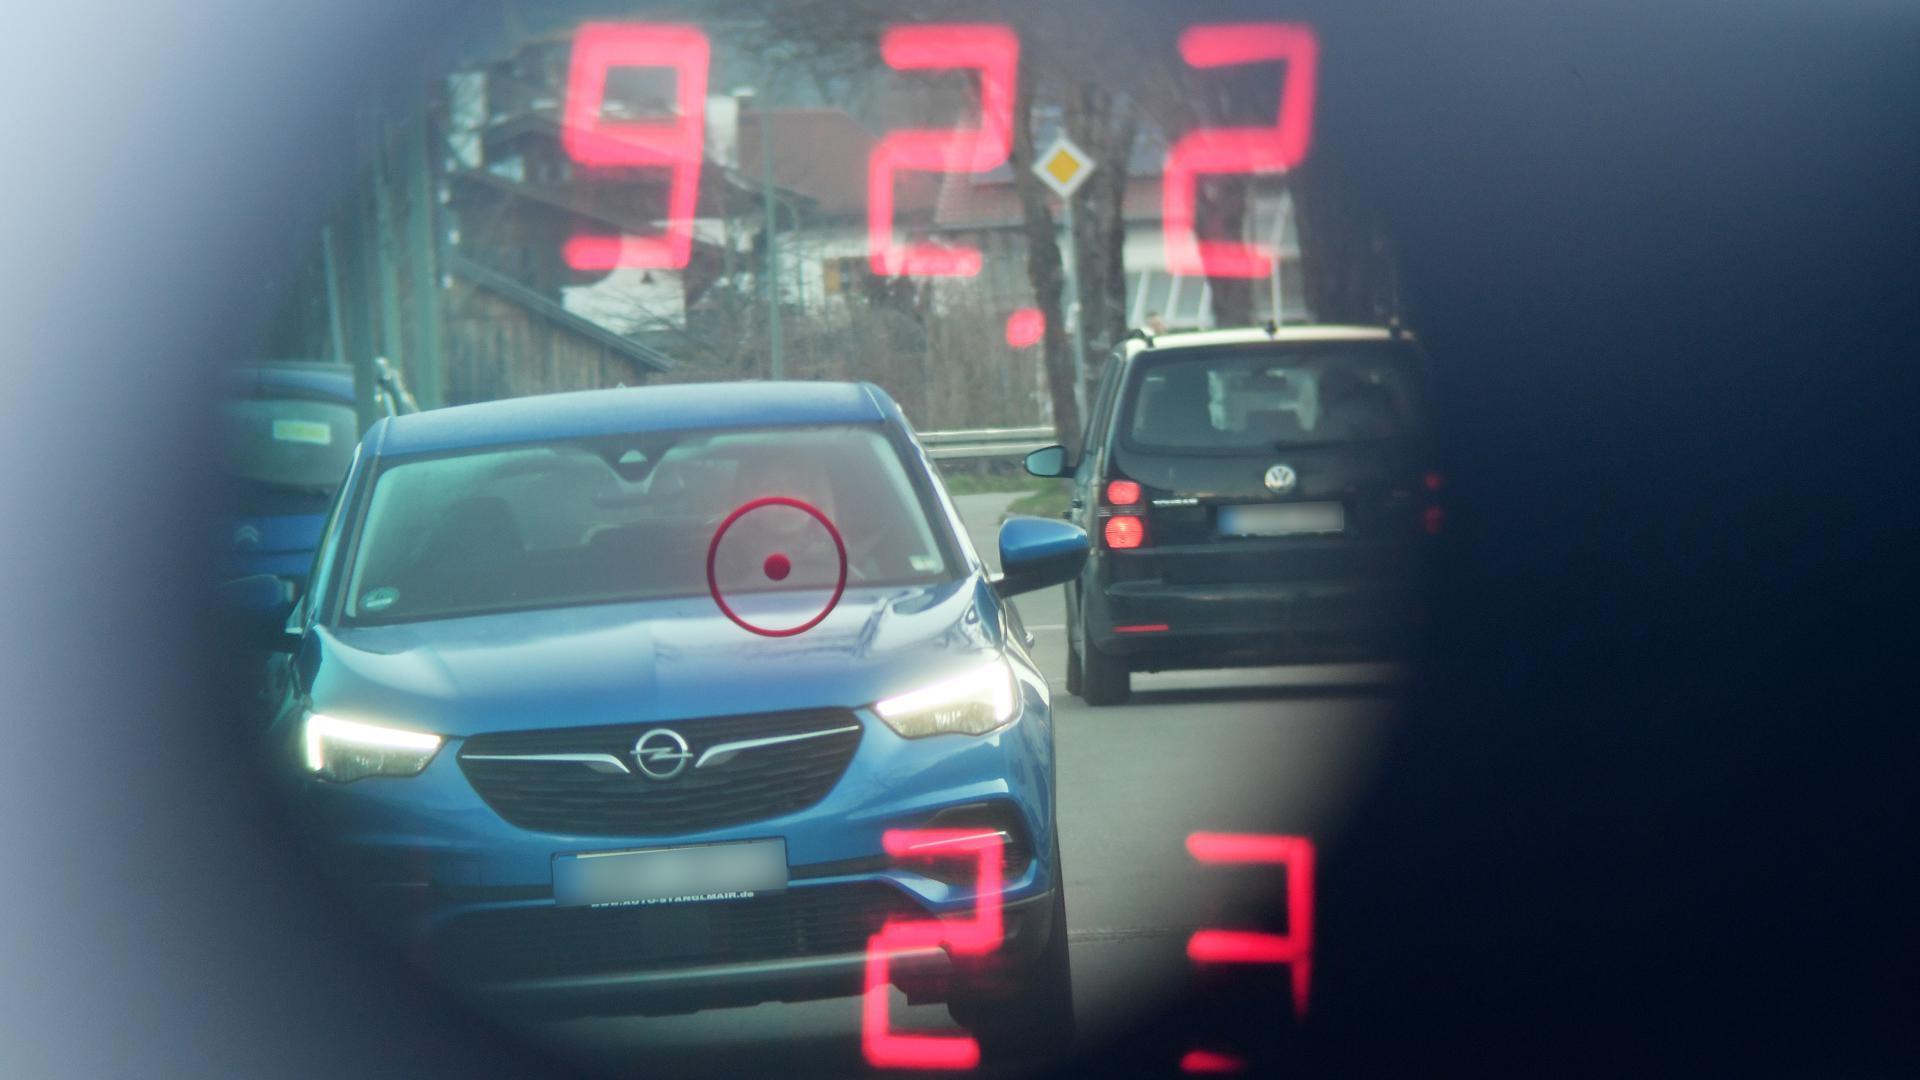 """Blick durch das Innere eines Polizeiblitzers beim """"Achten Bayerischen Blitzmarathon"""" in der Nähe einer Schule im Berufsverkehr. Im Rahmen des europaweiten """"Speedmarathons"""" finden in Bayern ab 6 Uhr verstärkte Geschwindigkeitskontrollen statt. +++ dpa-Bildfunk +++"""